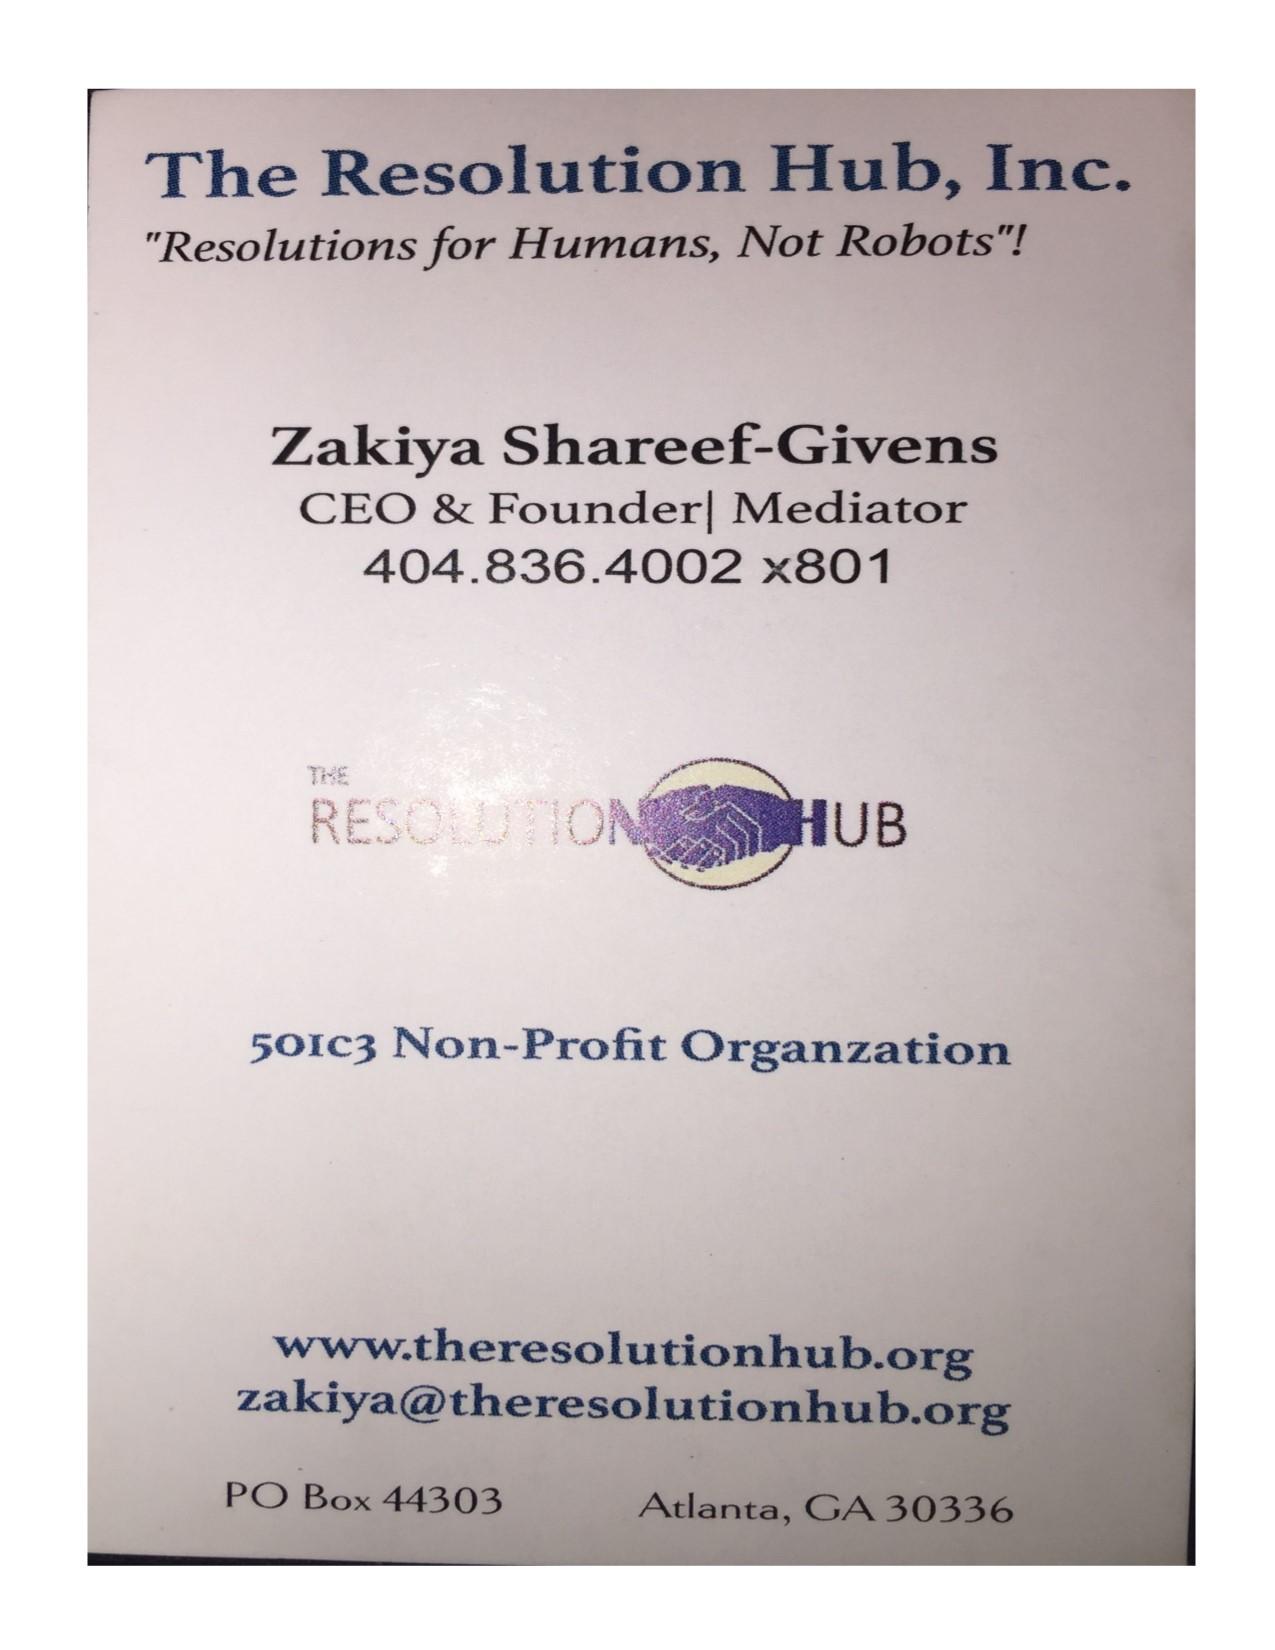 Zakiya shareef givens business card the resolution hub inc zakiya shareef givens business card colourmoves